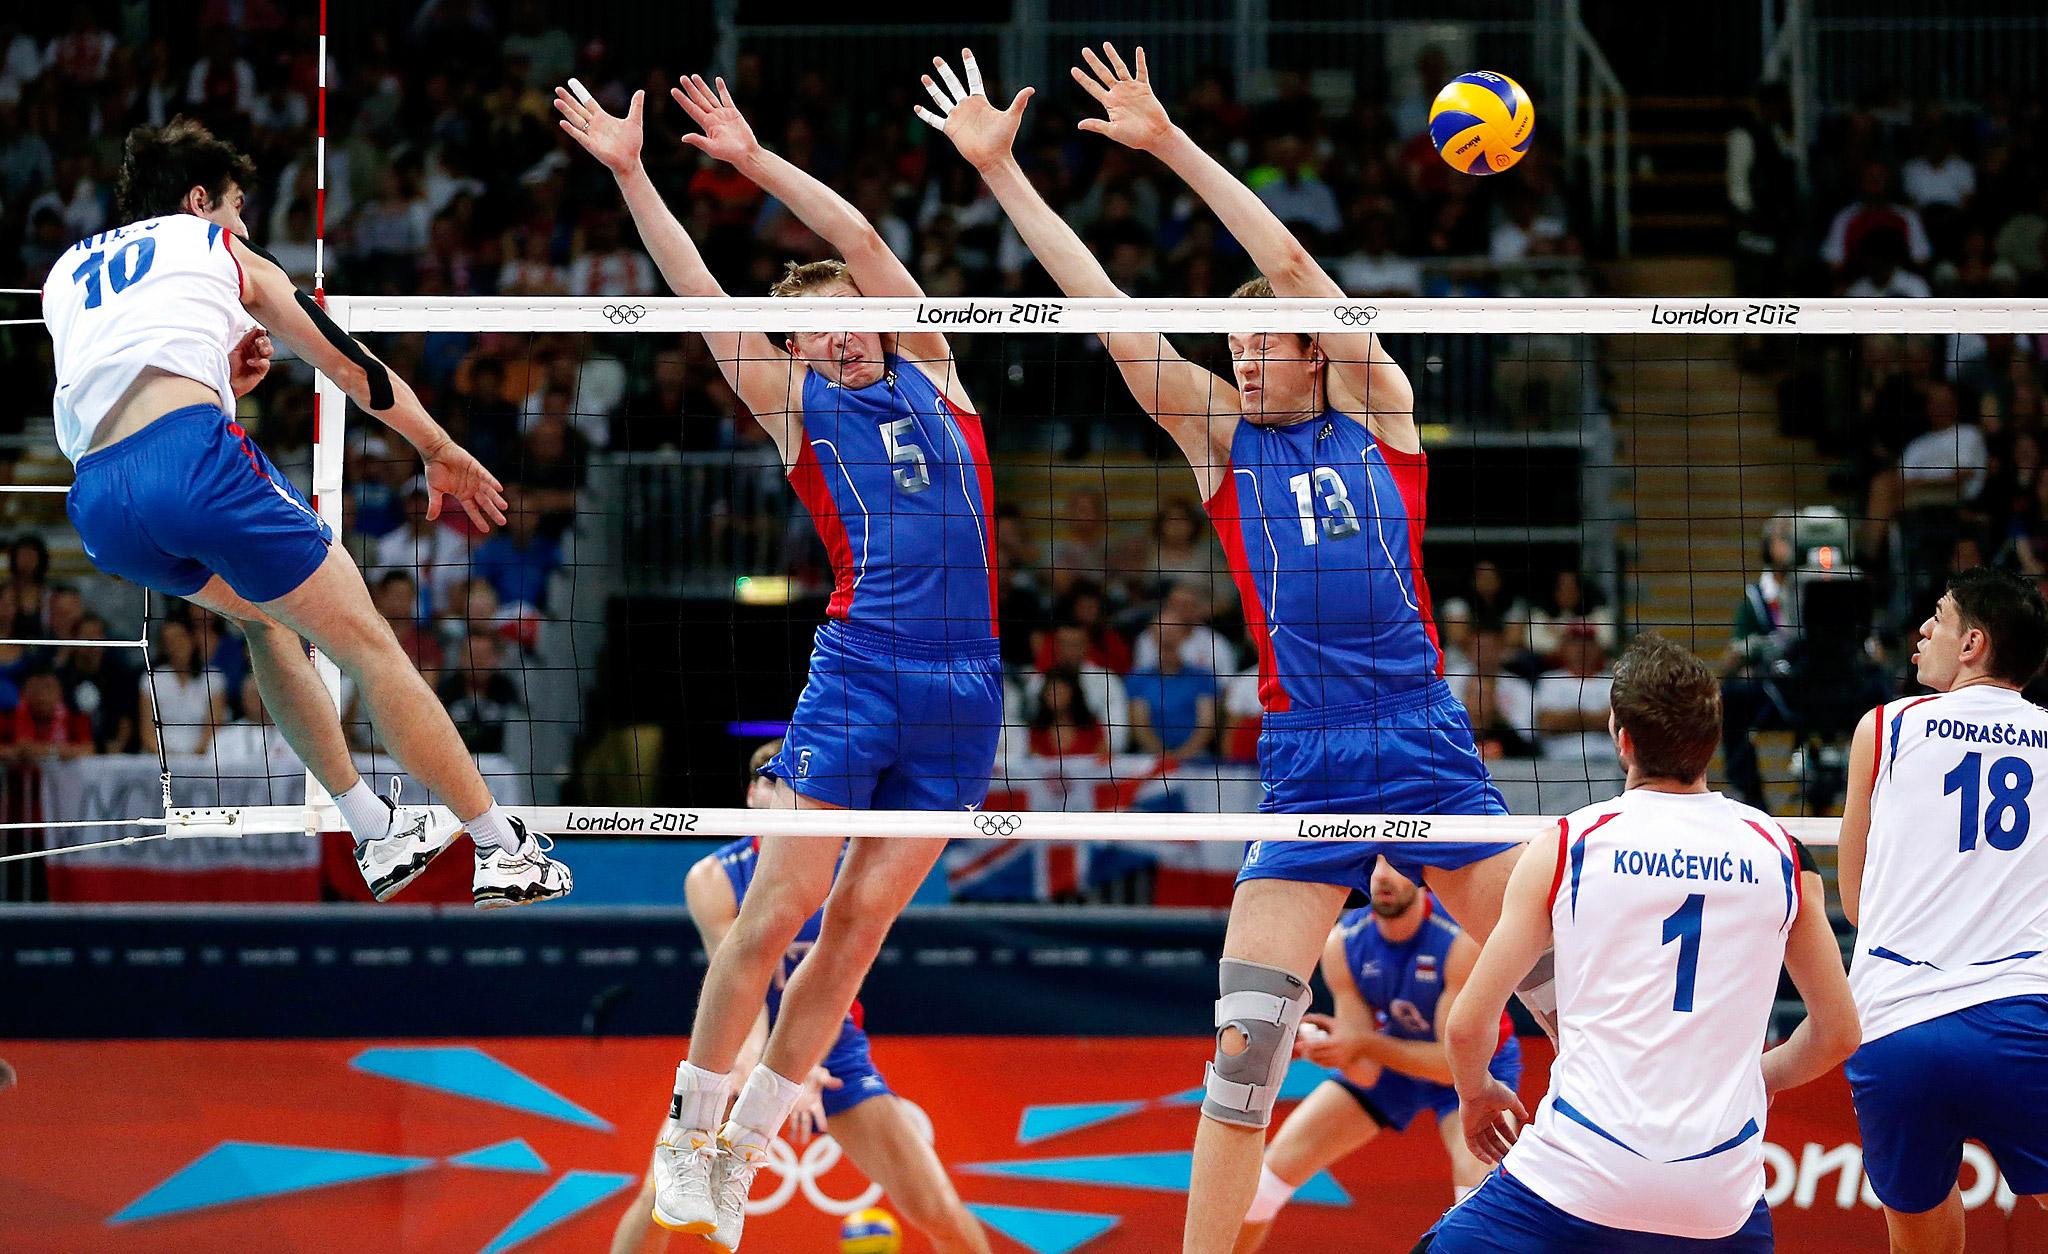 Serbia vs Russia Men's Volleyball